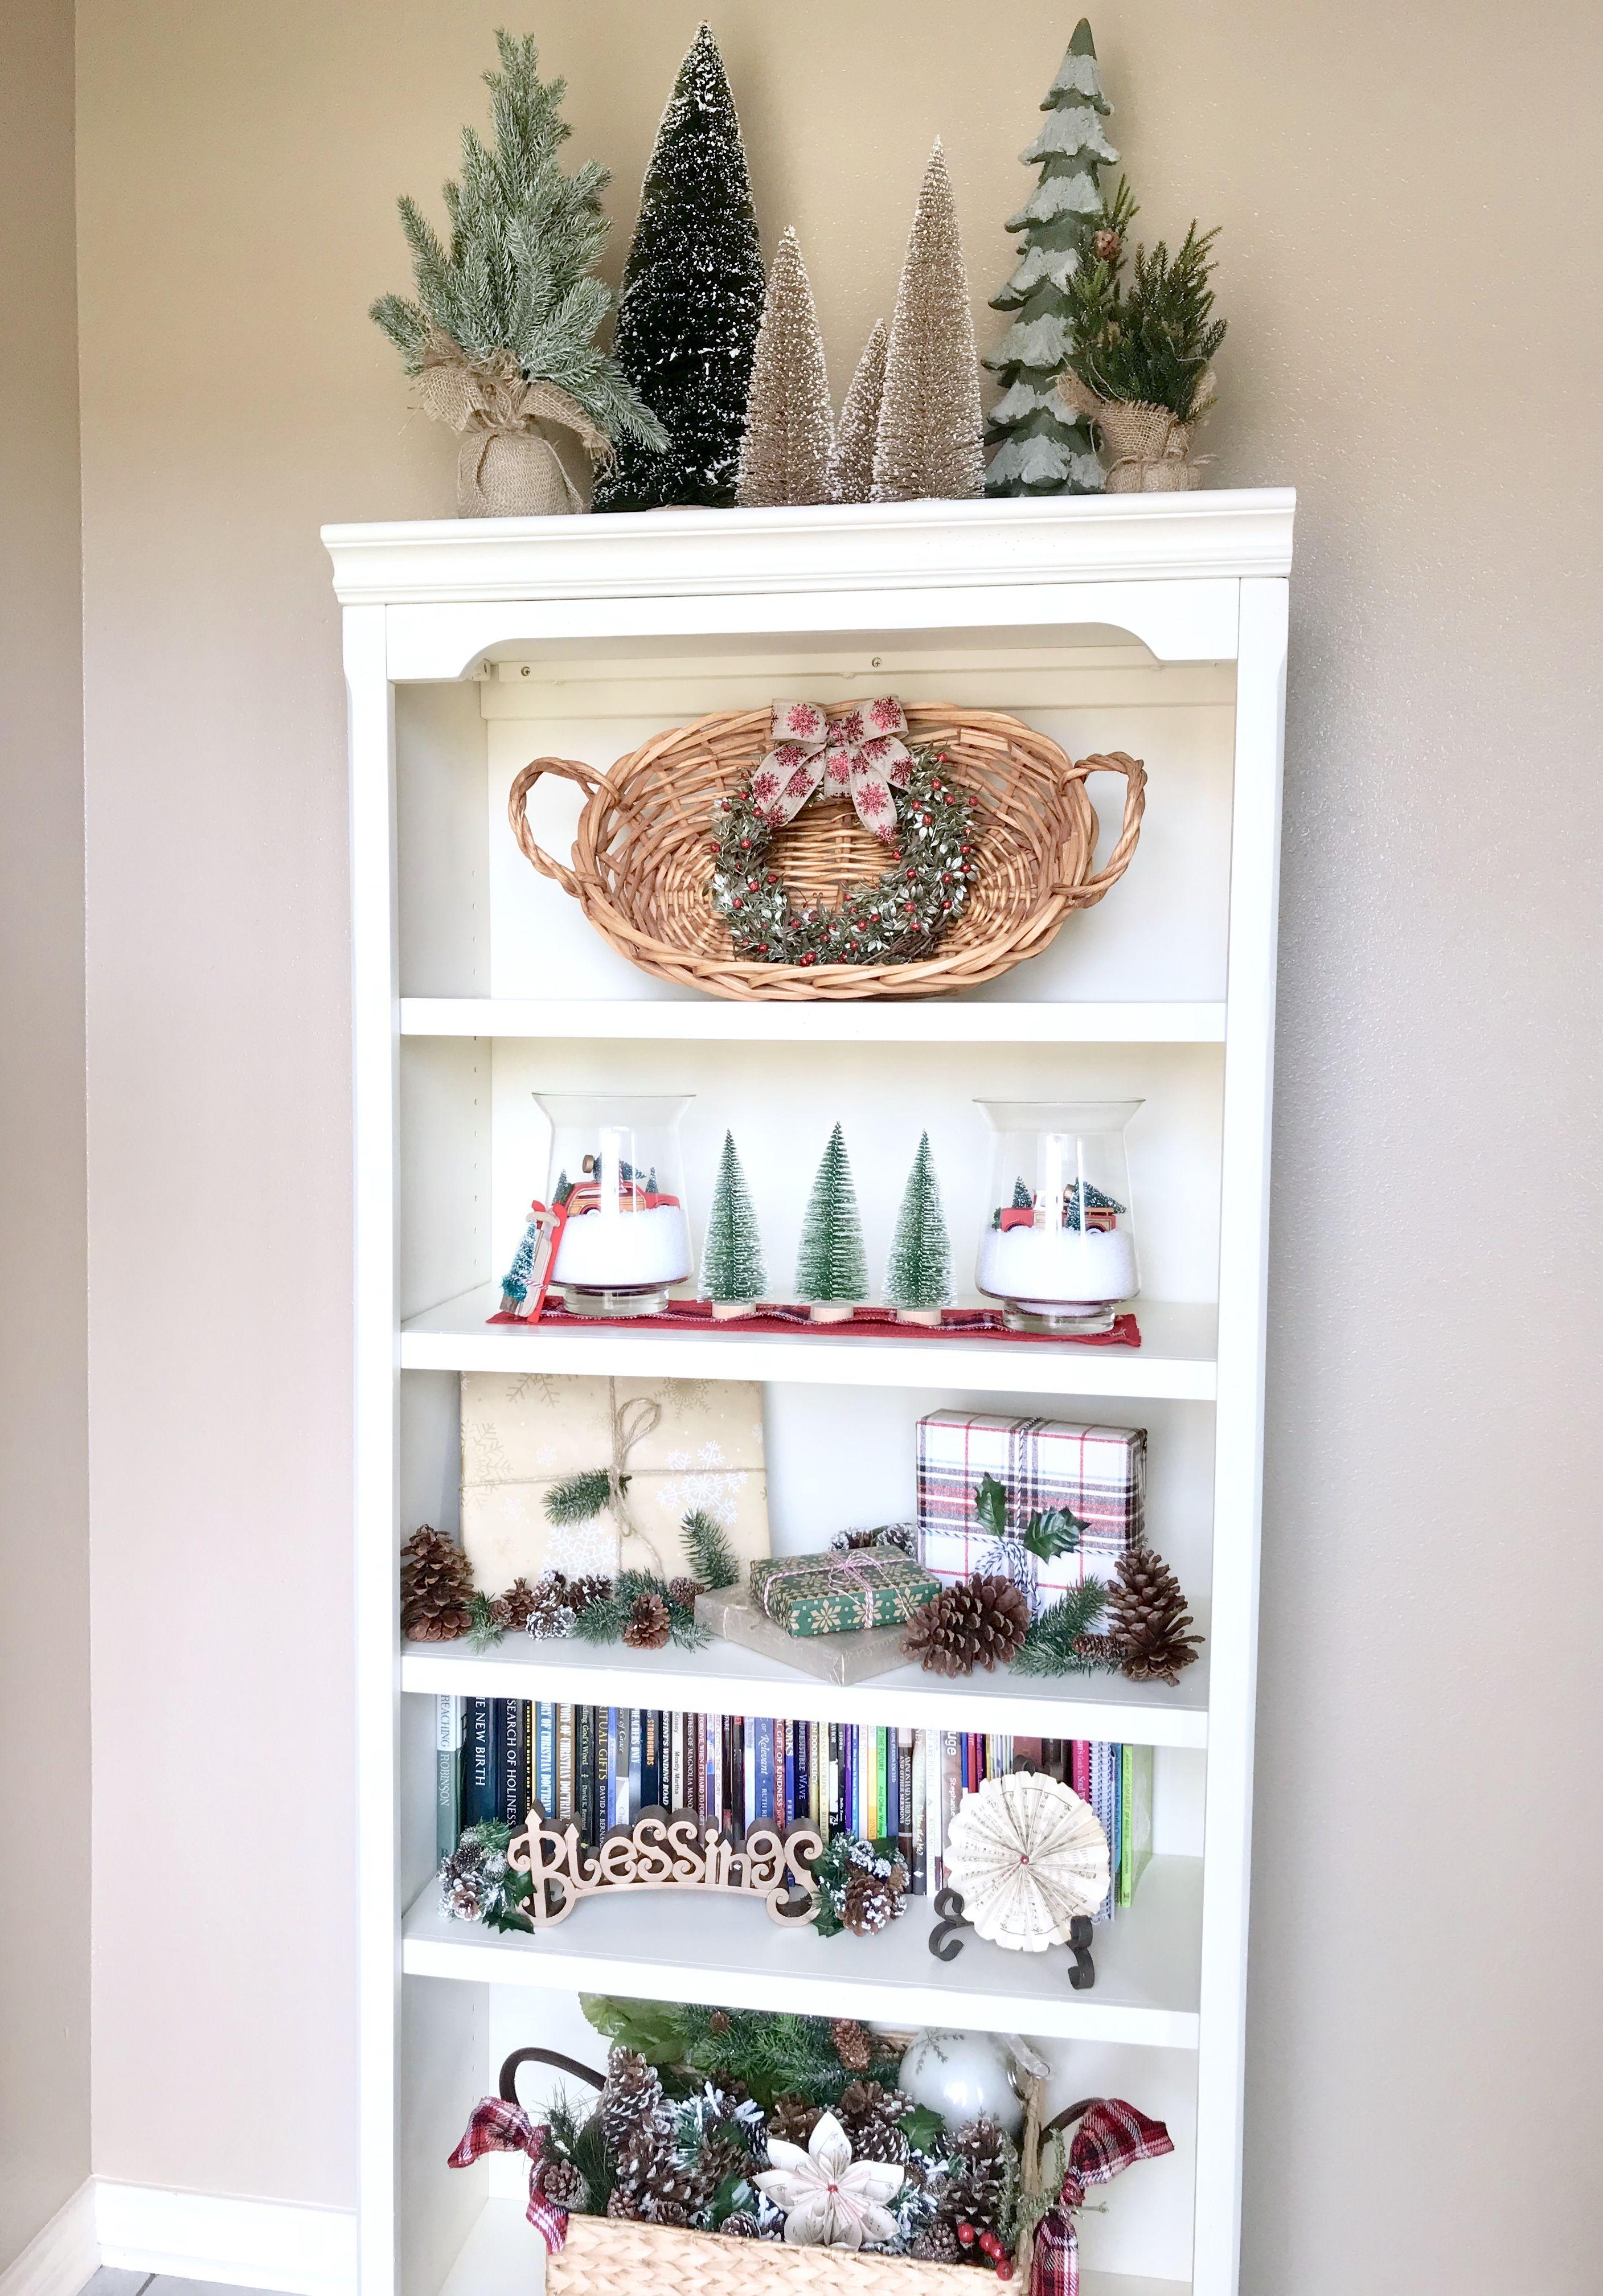 Christmas Bookshelf Decor Styling Bookshelves Book Case Decor Wrap Boxes For Christmas Decor Mi Christmas Bookshelf Christmas Vignettes Christmas Decor Diy